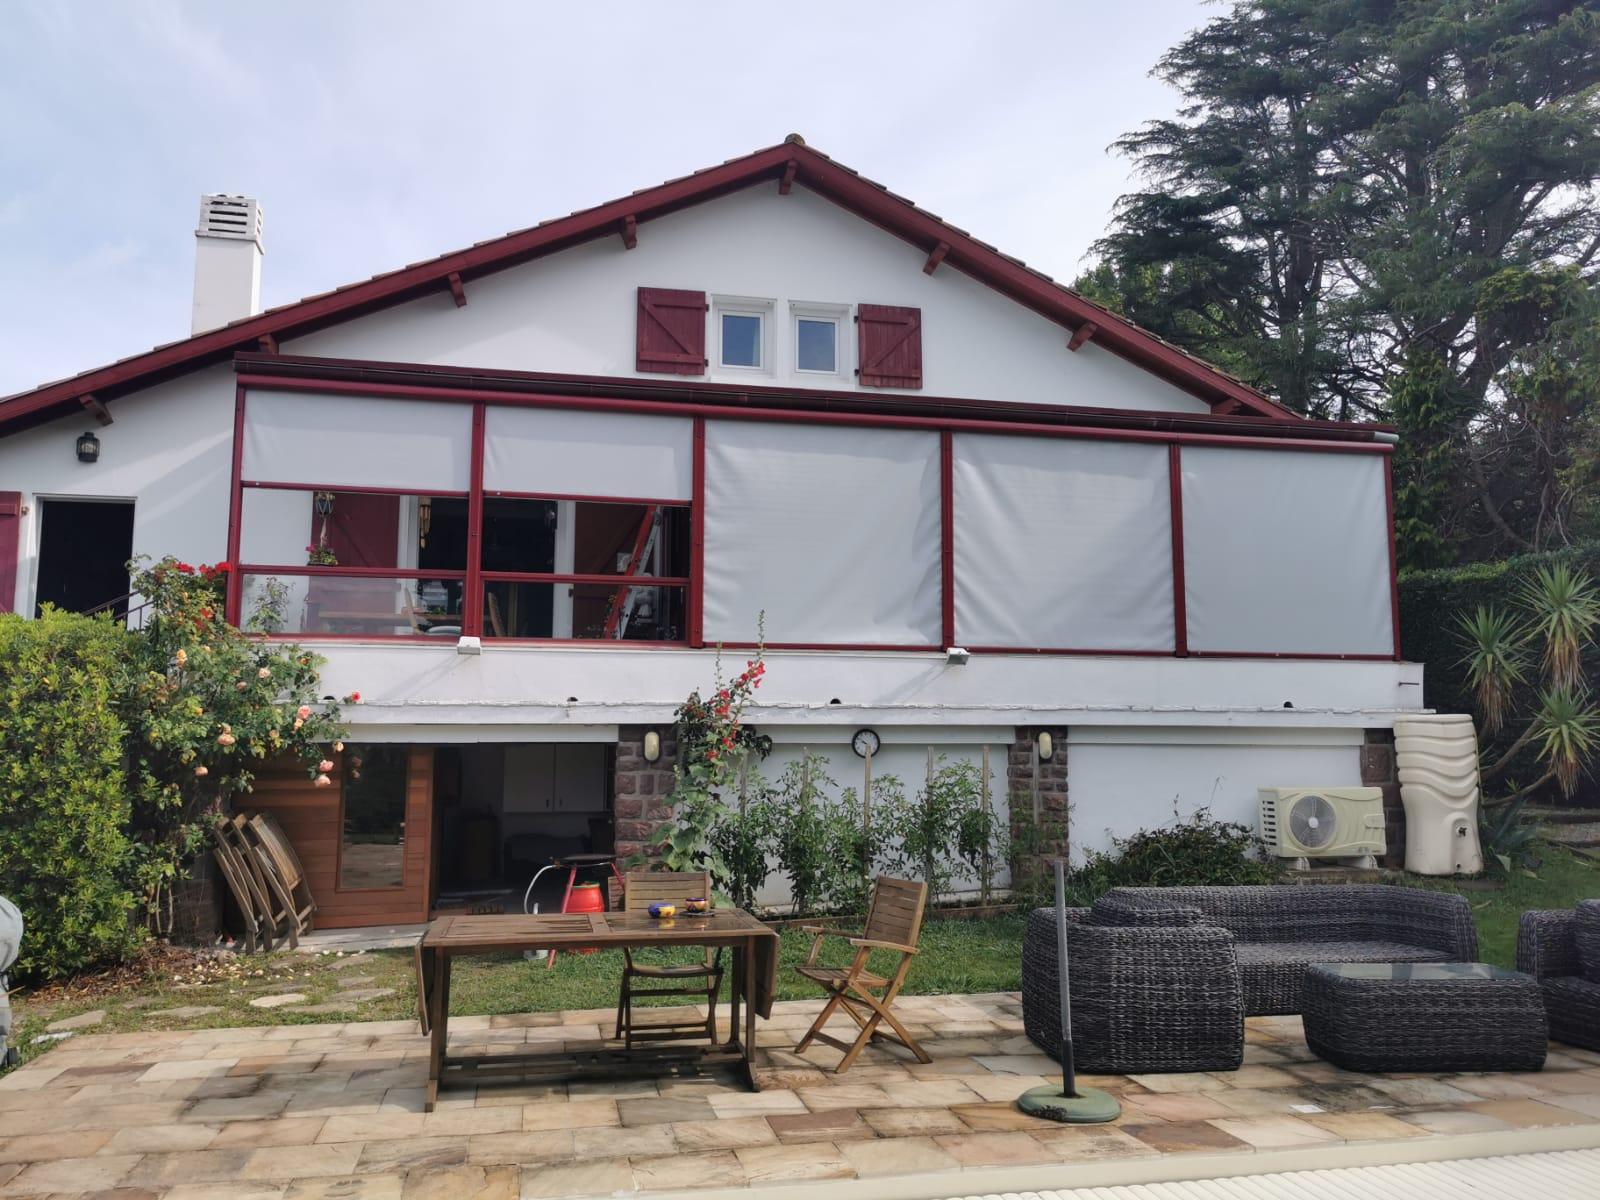 Exemple à Bidart (64) de pose de store screen extérieur de la marque Bandalux par Ty Bask, spécialiste de la fermeture de l'habitat sur la côte basque et le sud des landes